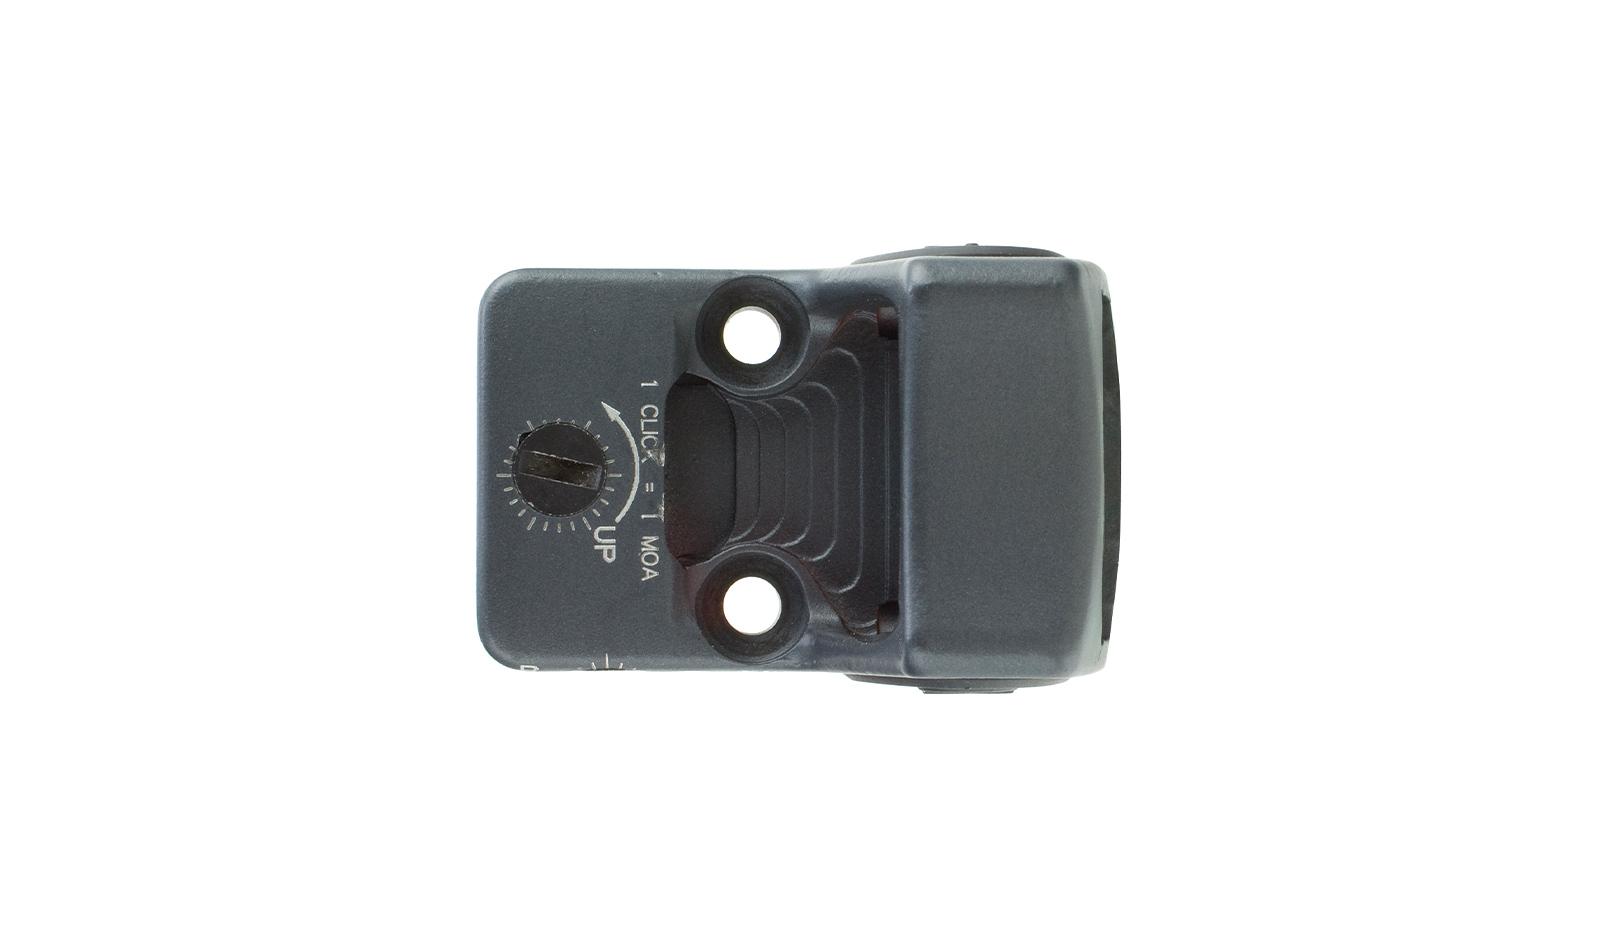 RM09-C-700743 angle 9